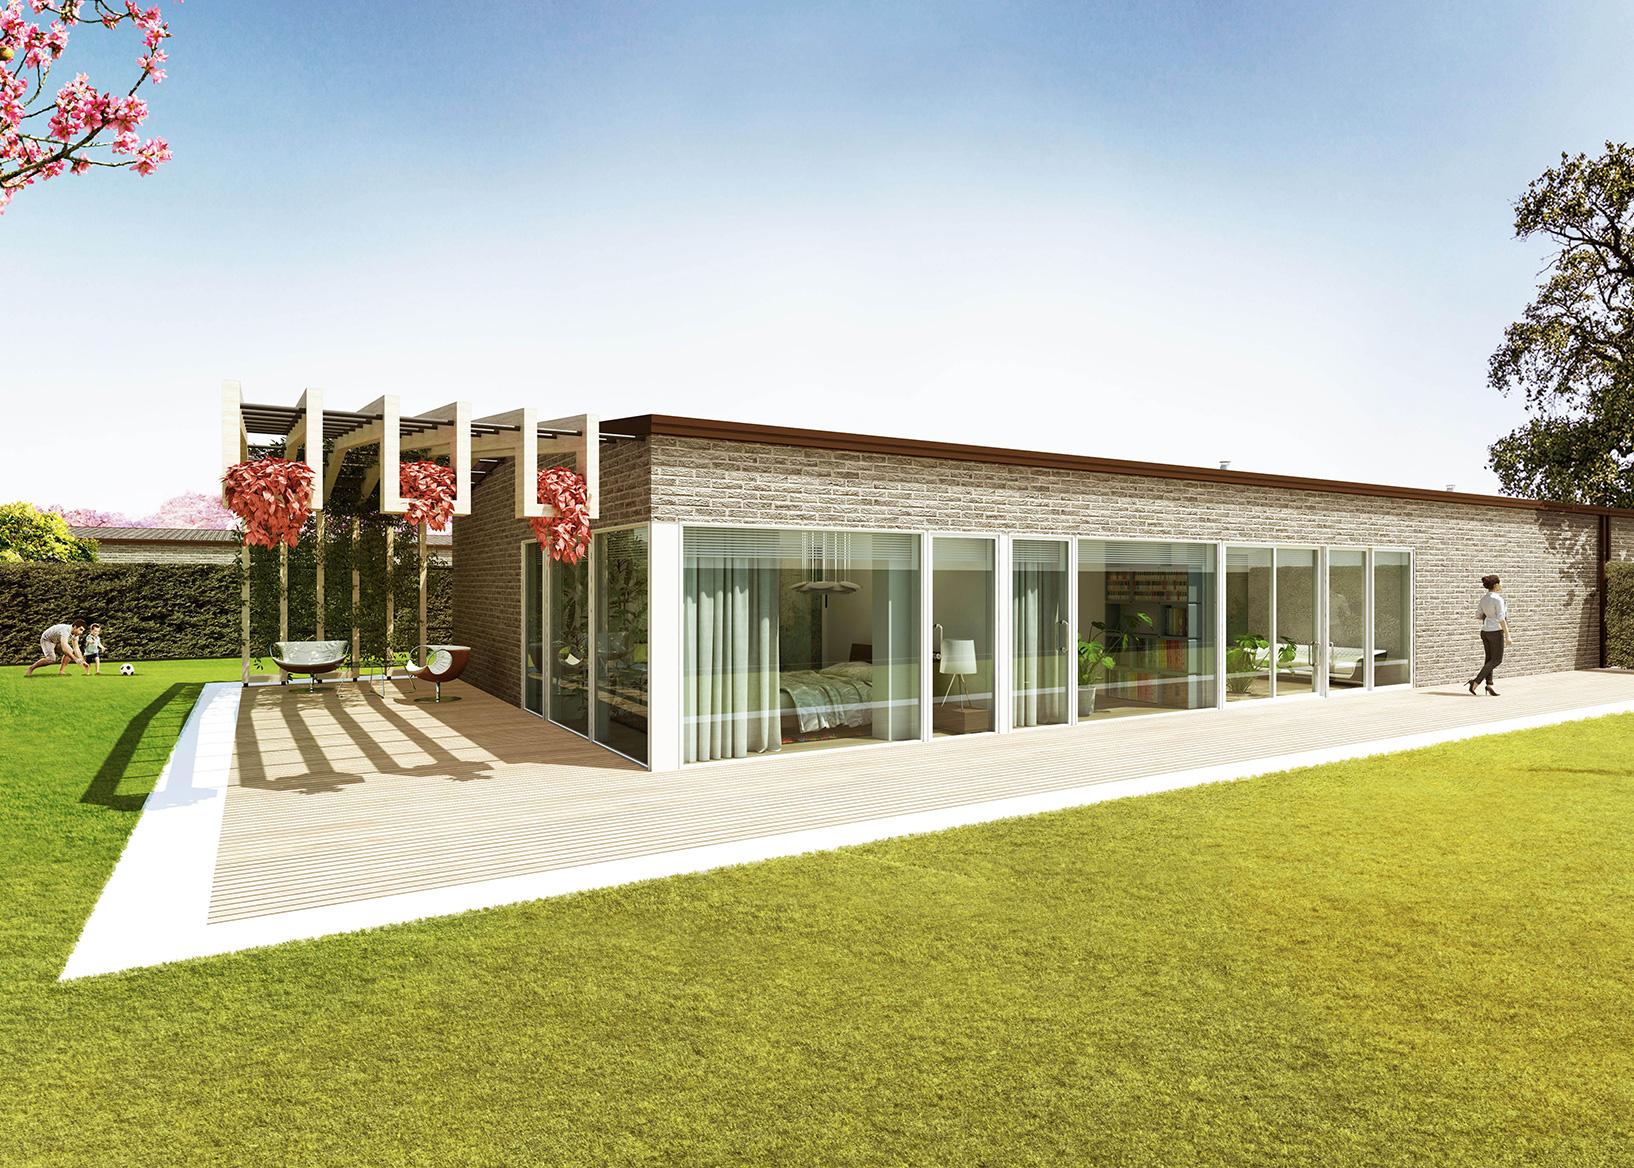 Ingegnere Ed Architetto Francesco De Benedittis, Binini Partners , Società di architettura e ingegneria, Reggio Emilia, Italia